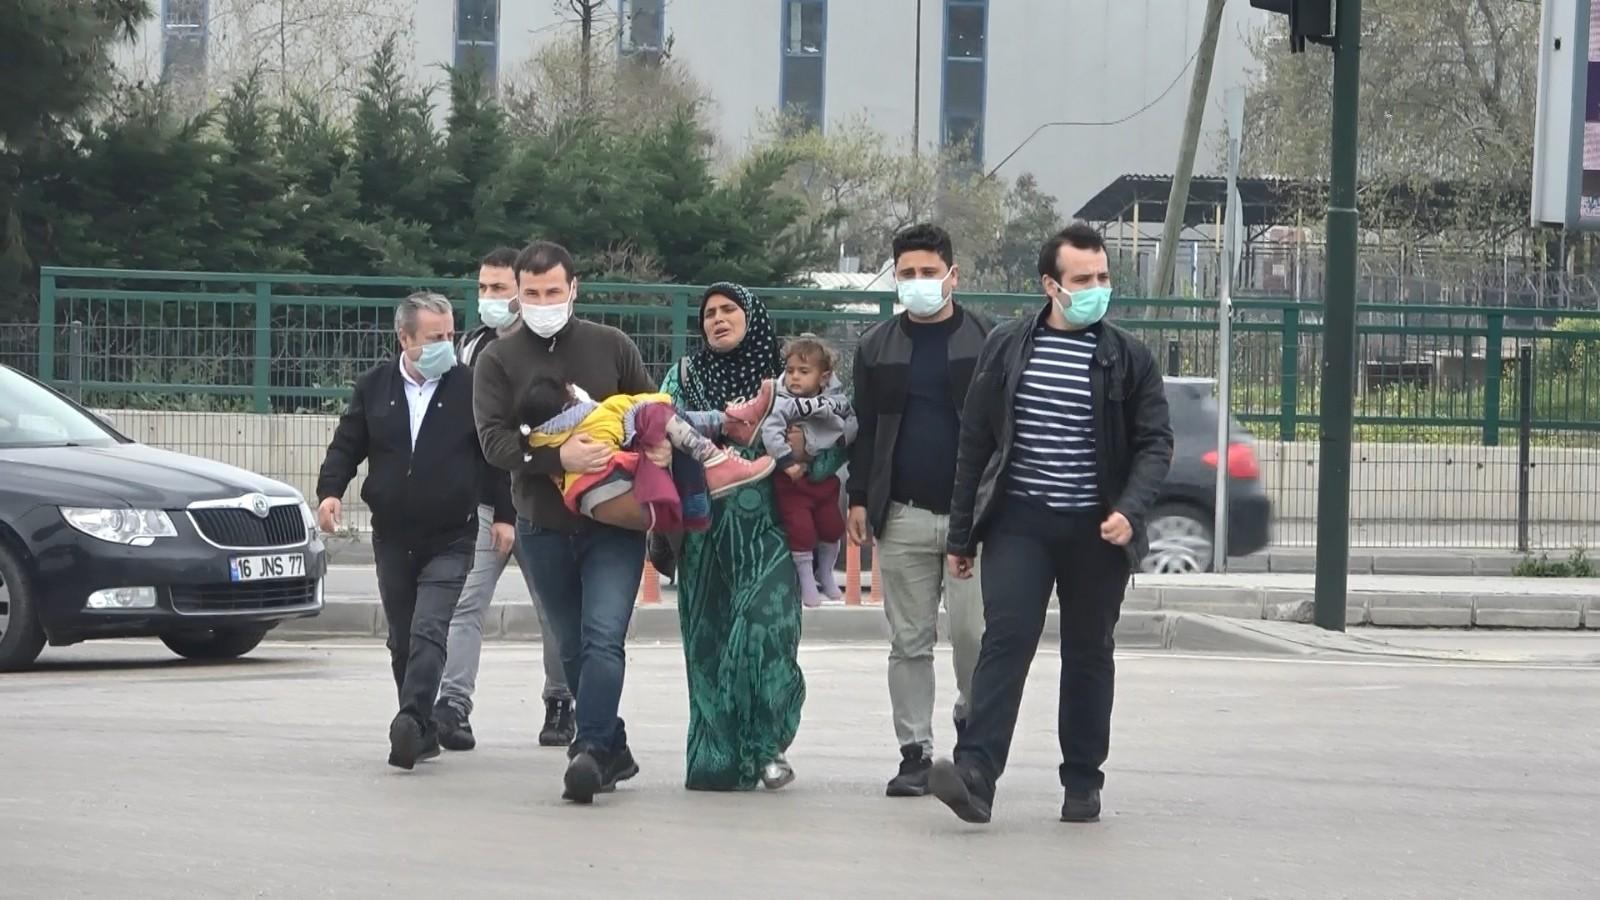 Bursa'da duygu sömürüsü yapan dilencilere operasyon!